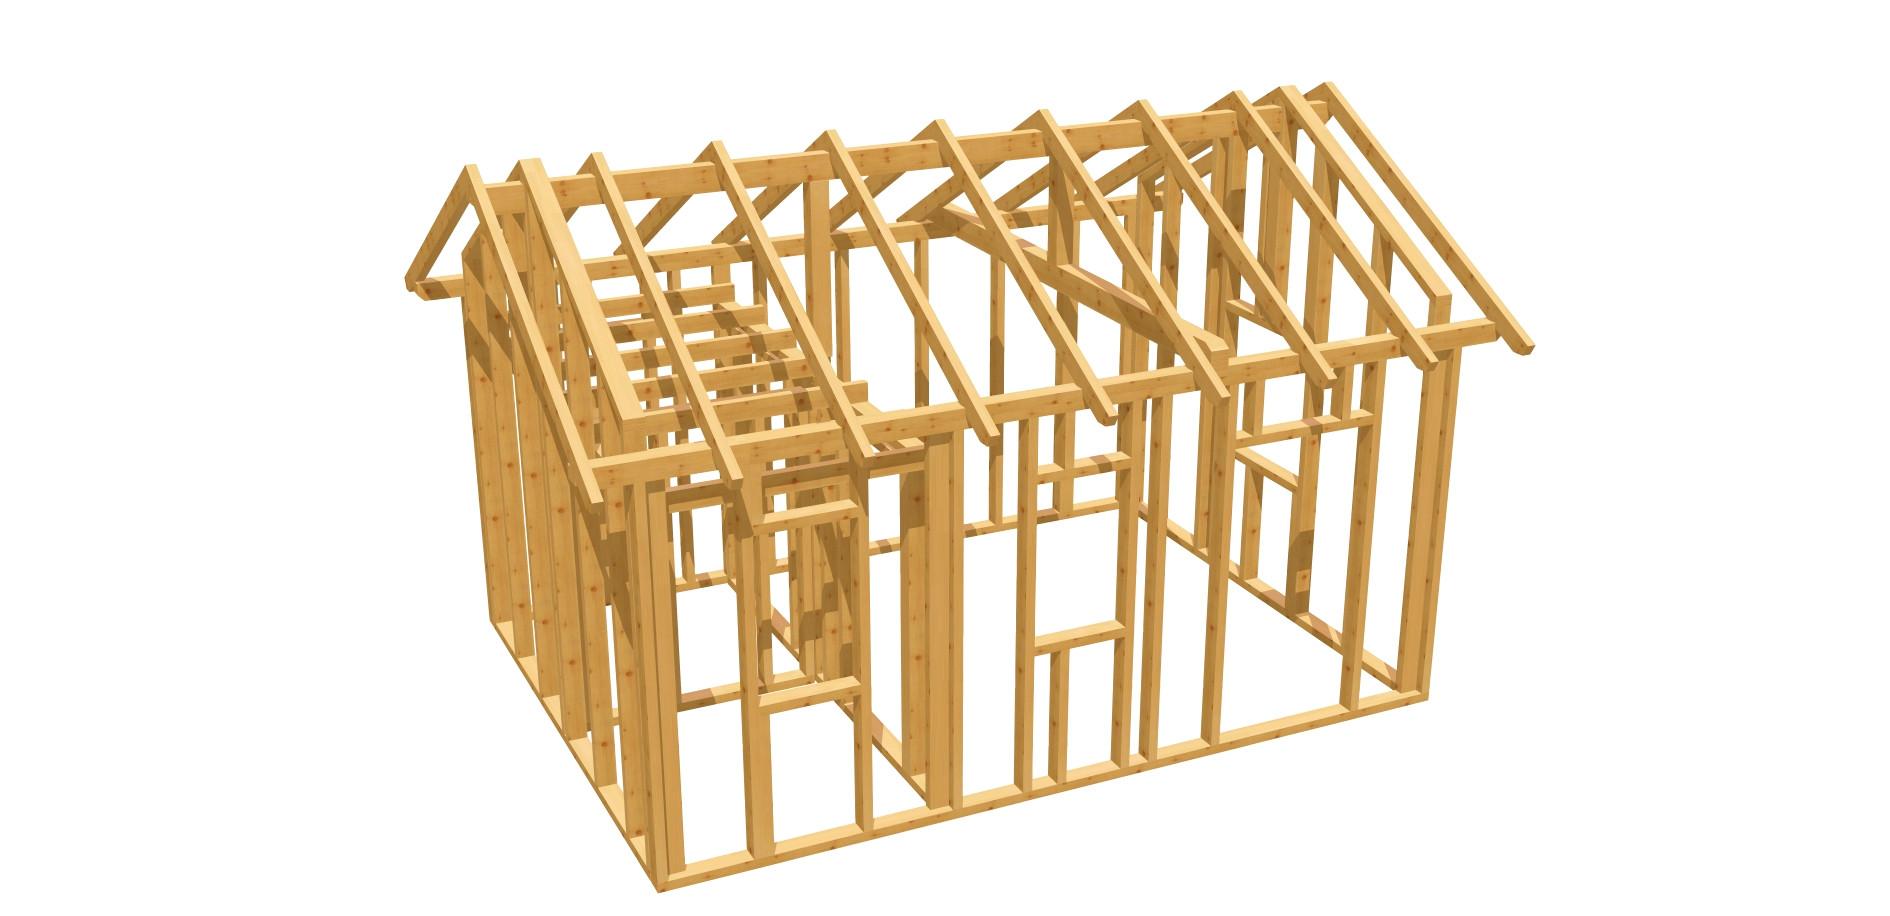 gartenhaus bauplan holz bauplan de avec gartenhaus flachdach selber bauen anleitung et gartenhaus selber bauen 0 gartenhaus flachdach selber bauen anleitung sur la cat gorie home deko ideen